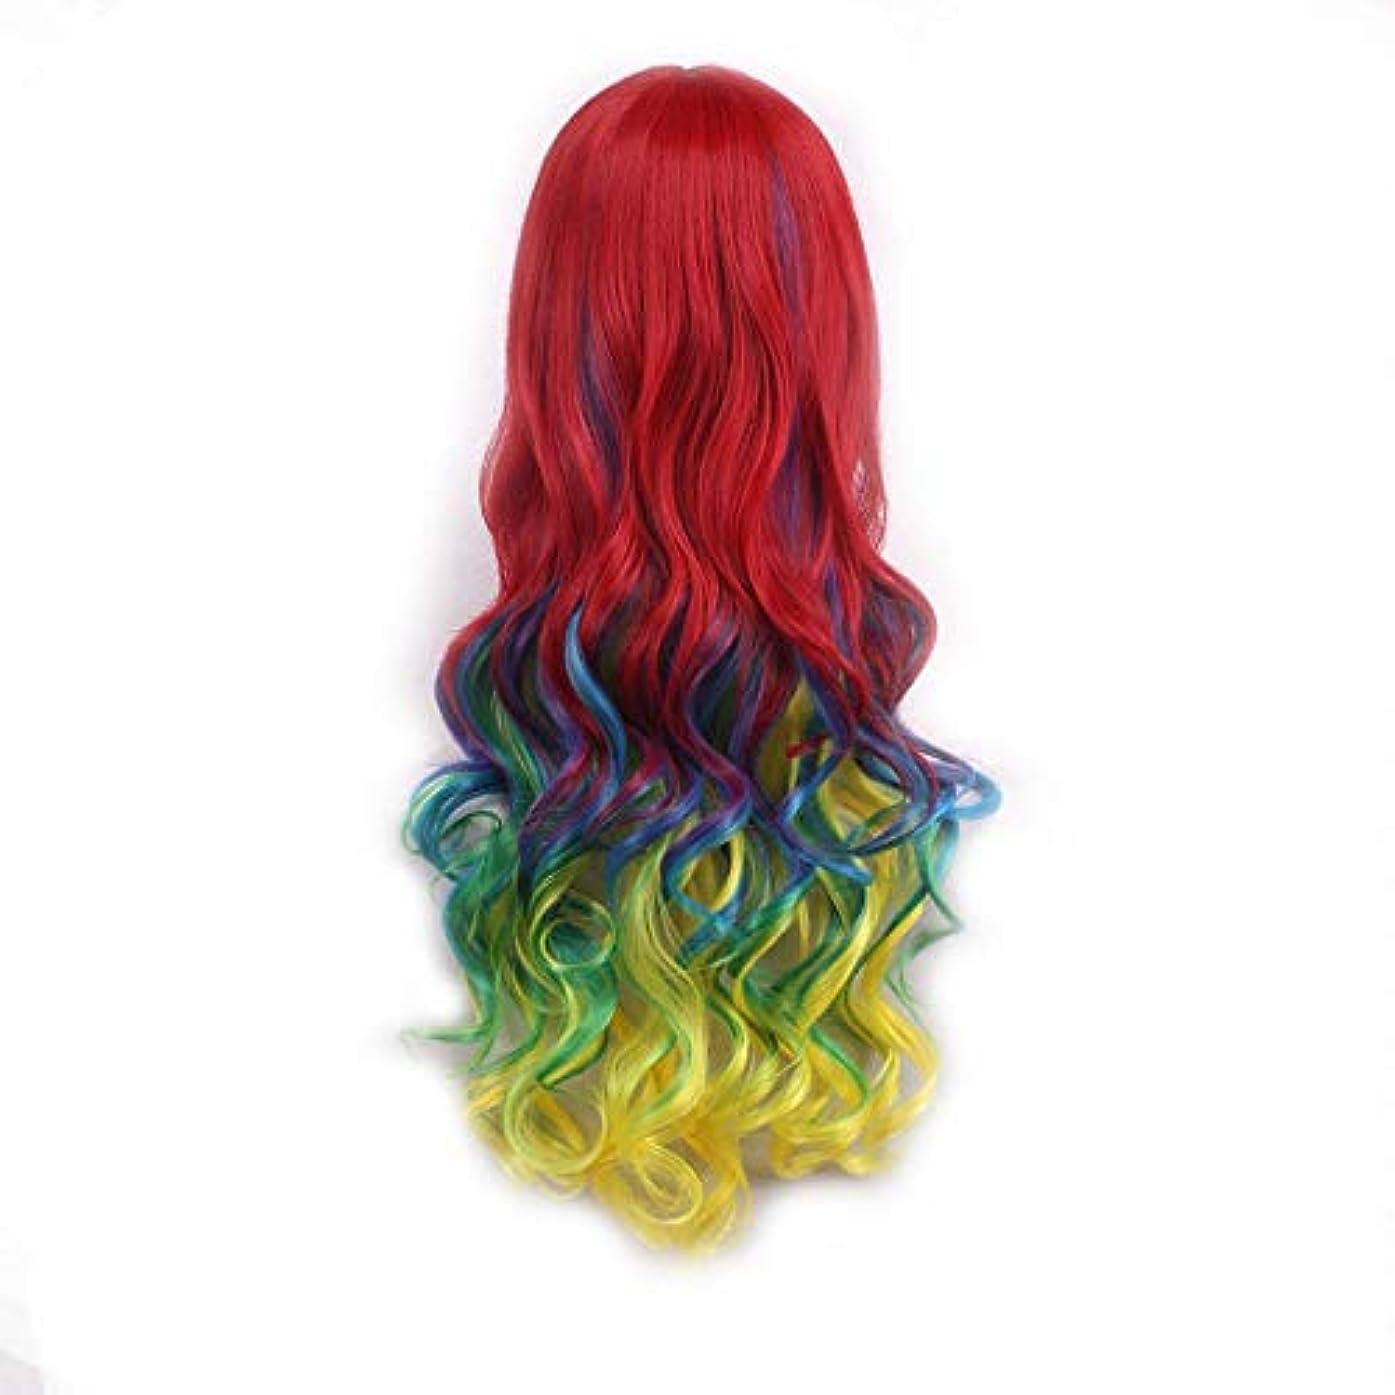 まもなくセグメント繊毛ウィッグキャップウィッグロングファンシードレスストレート&カールウィッグレディース高品質な合成色の髪のコスプレ高密度ウィッグ女性と女の子 (Color : Curls)